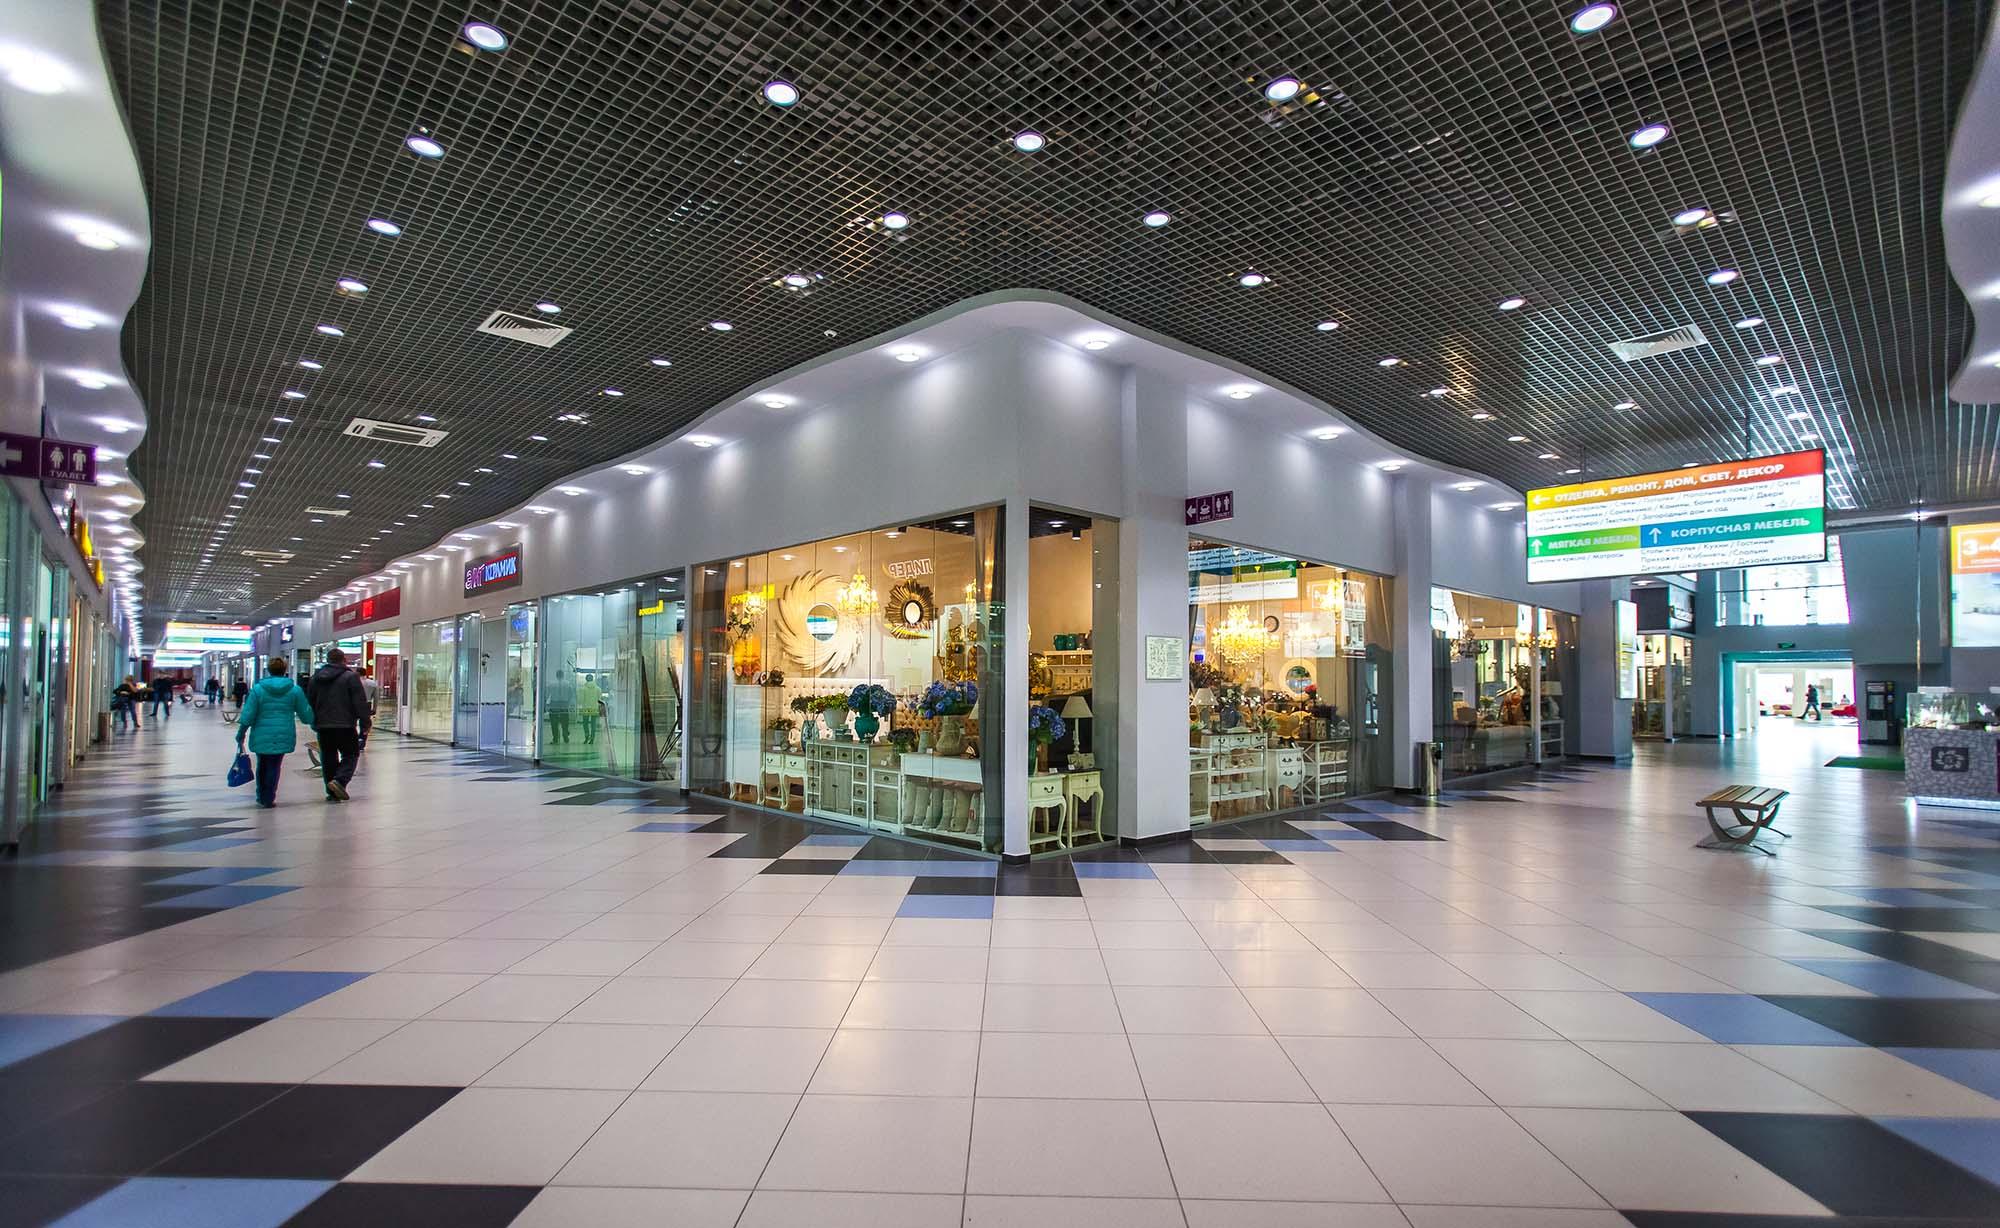 бизнес идеи в торговом центре